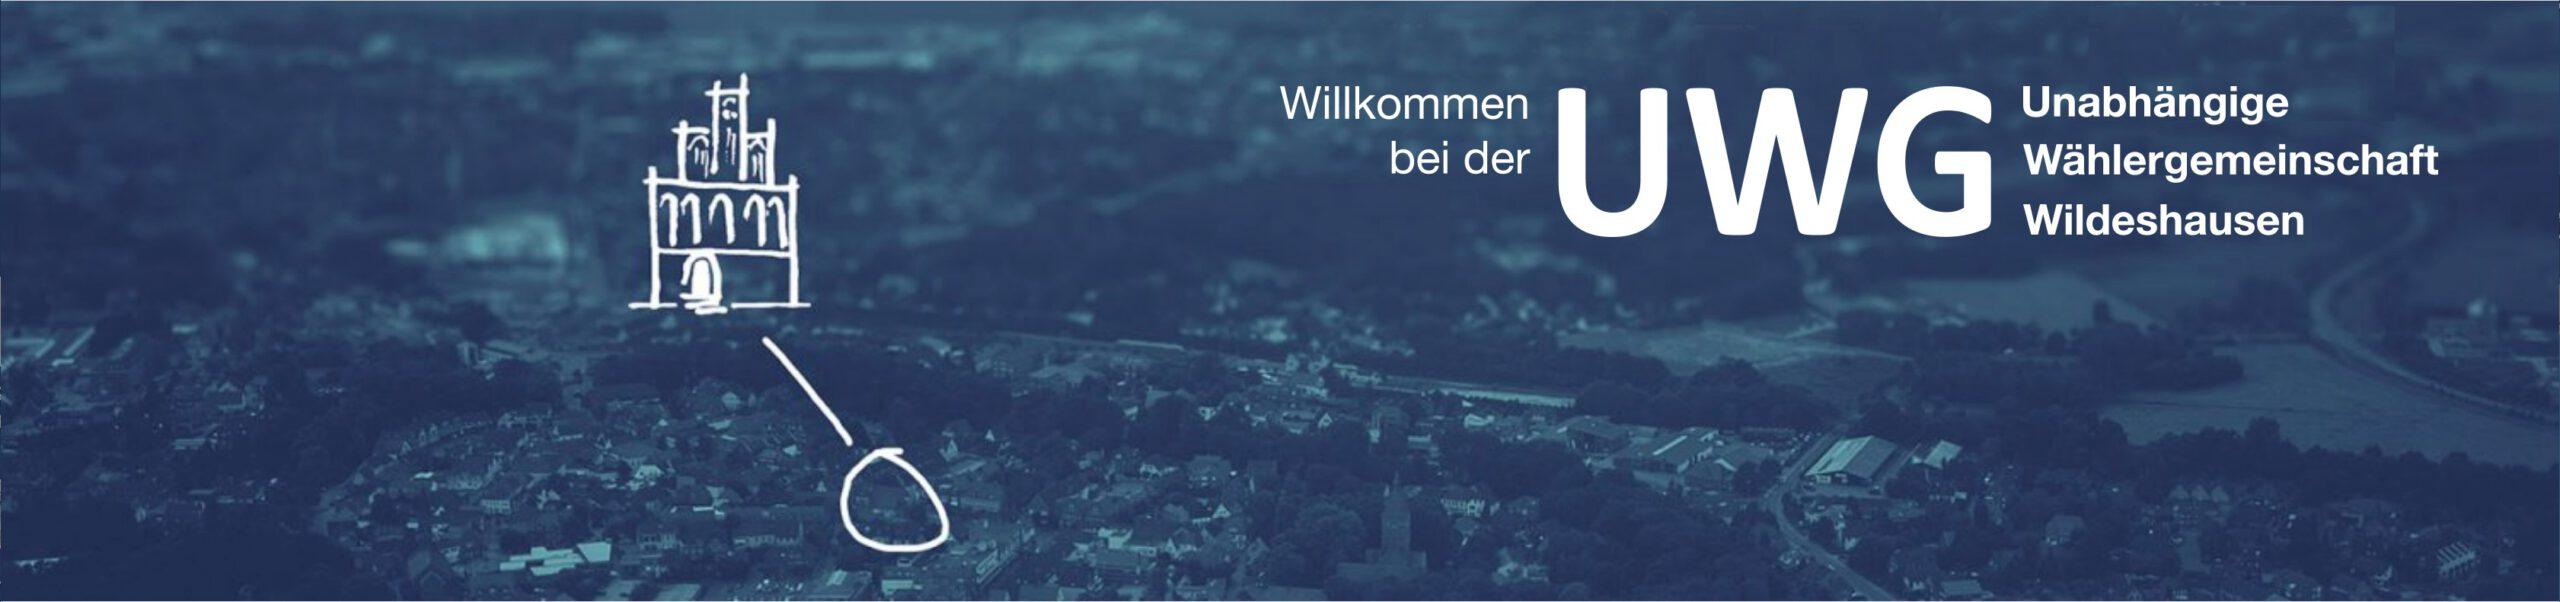 UWG Wildeshausen